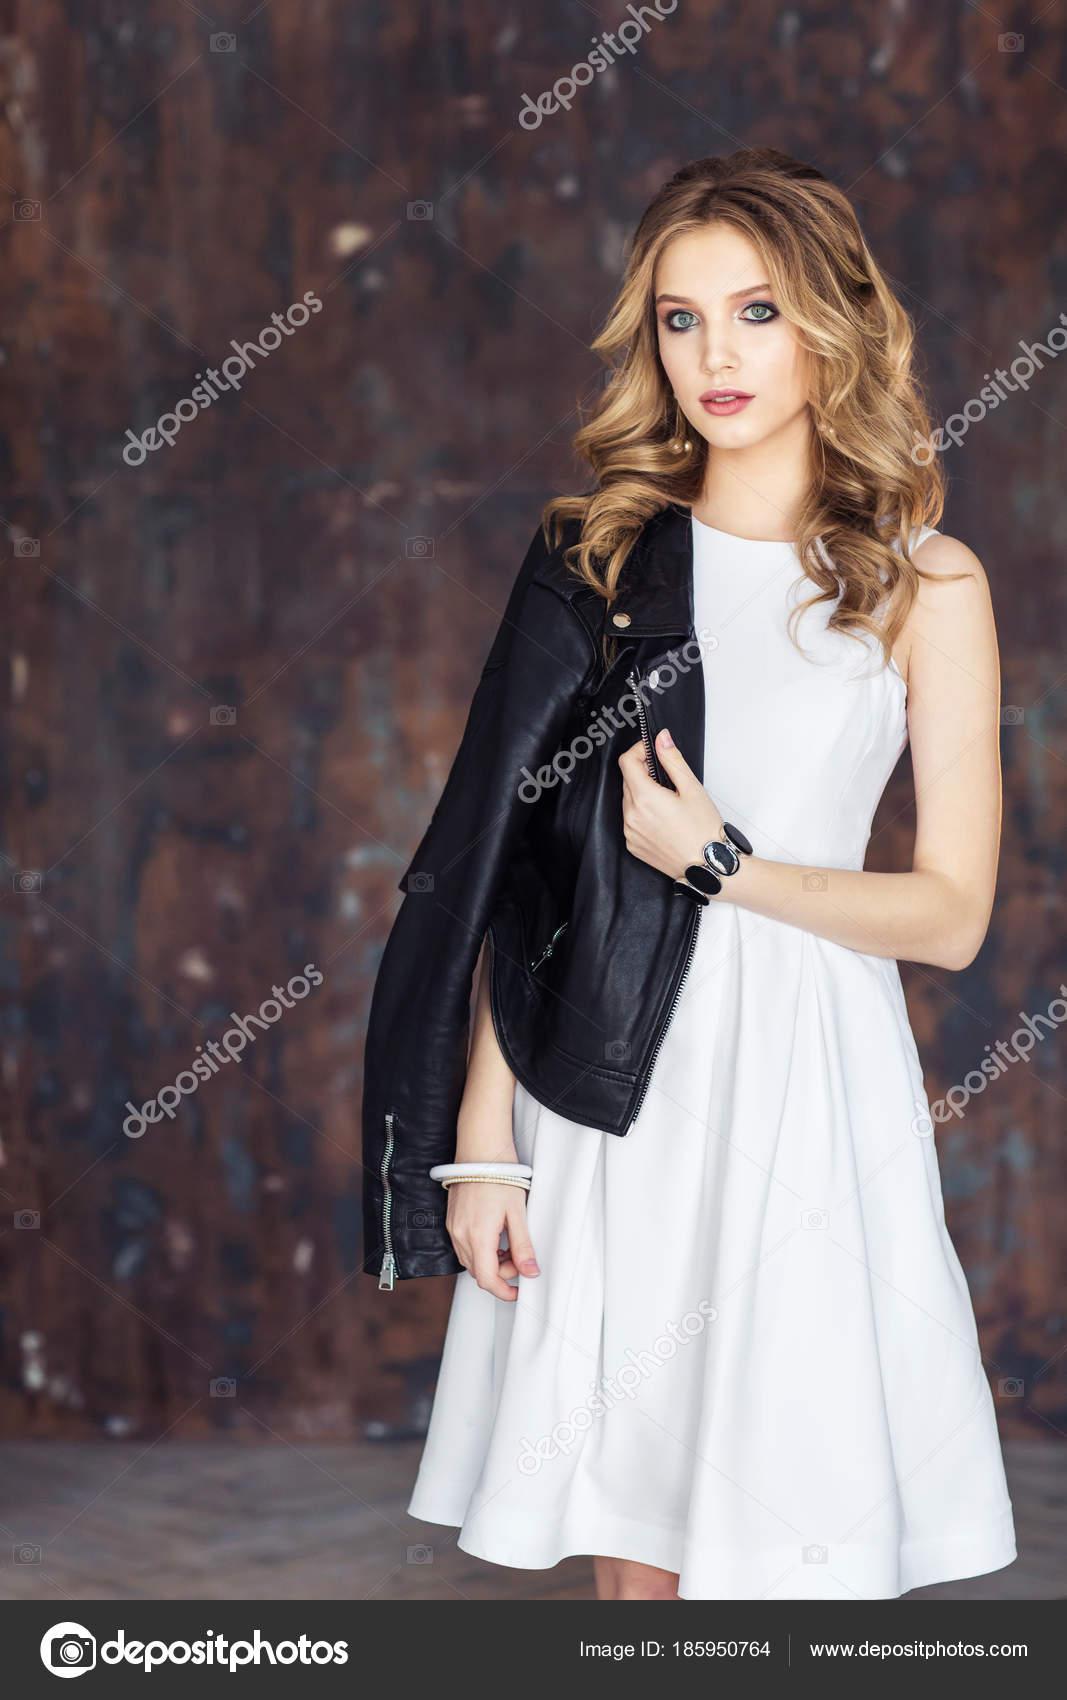 Vestido blanco con chaqueta